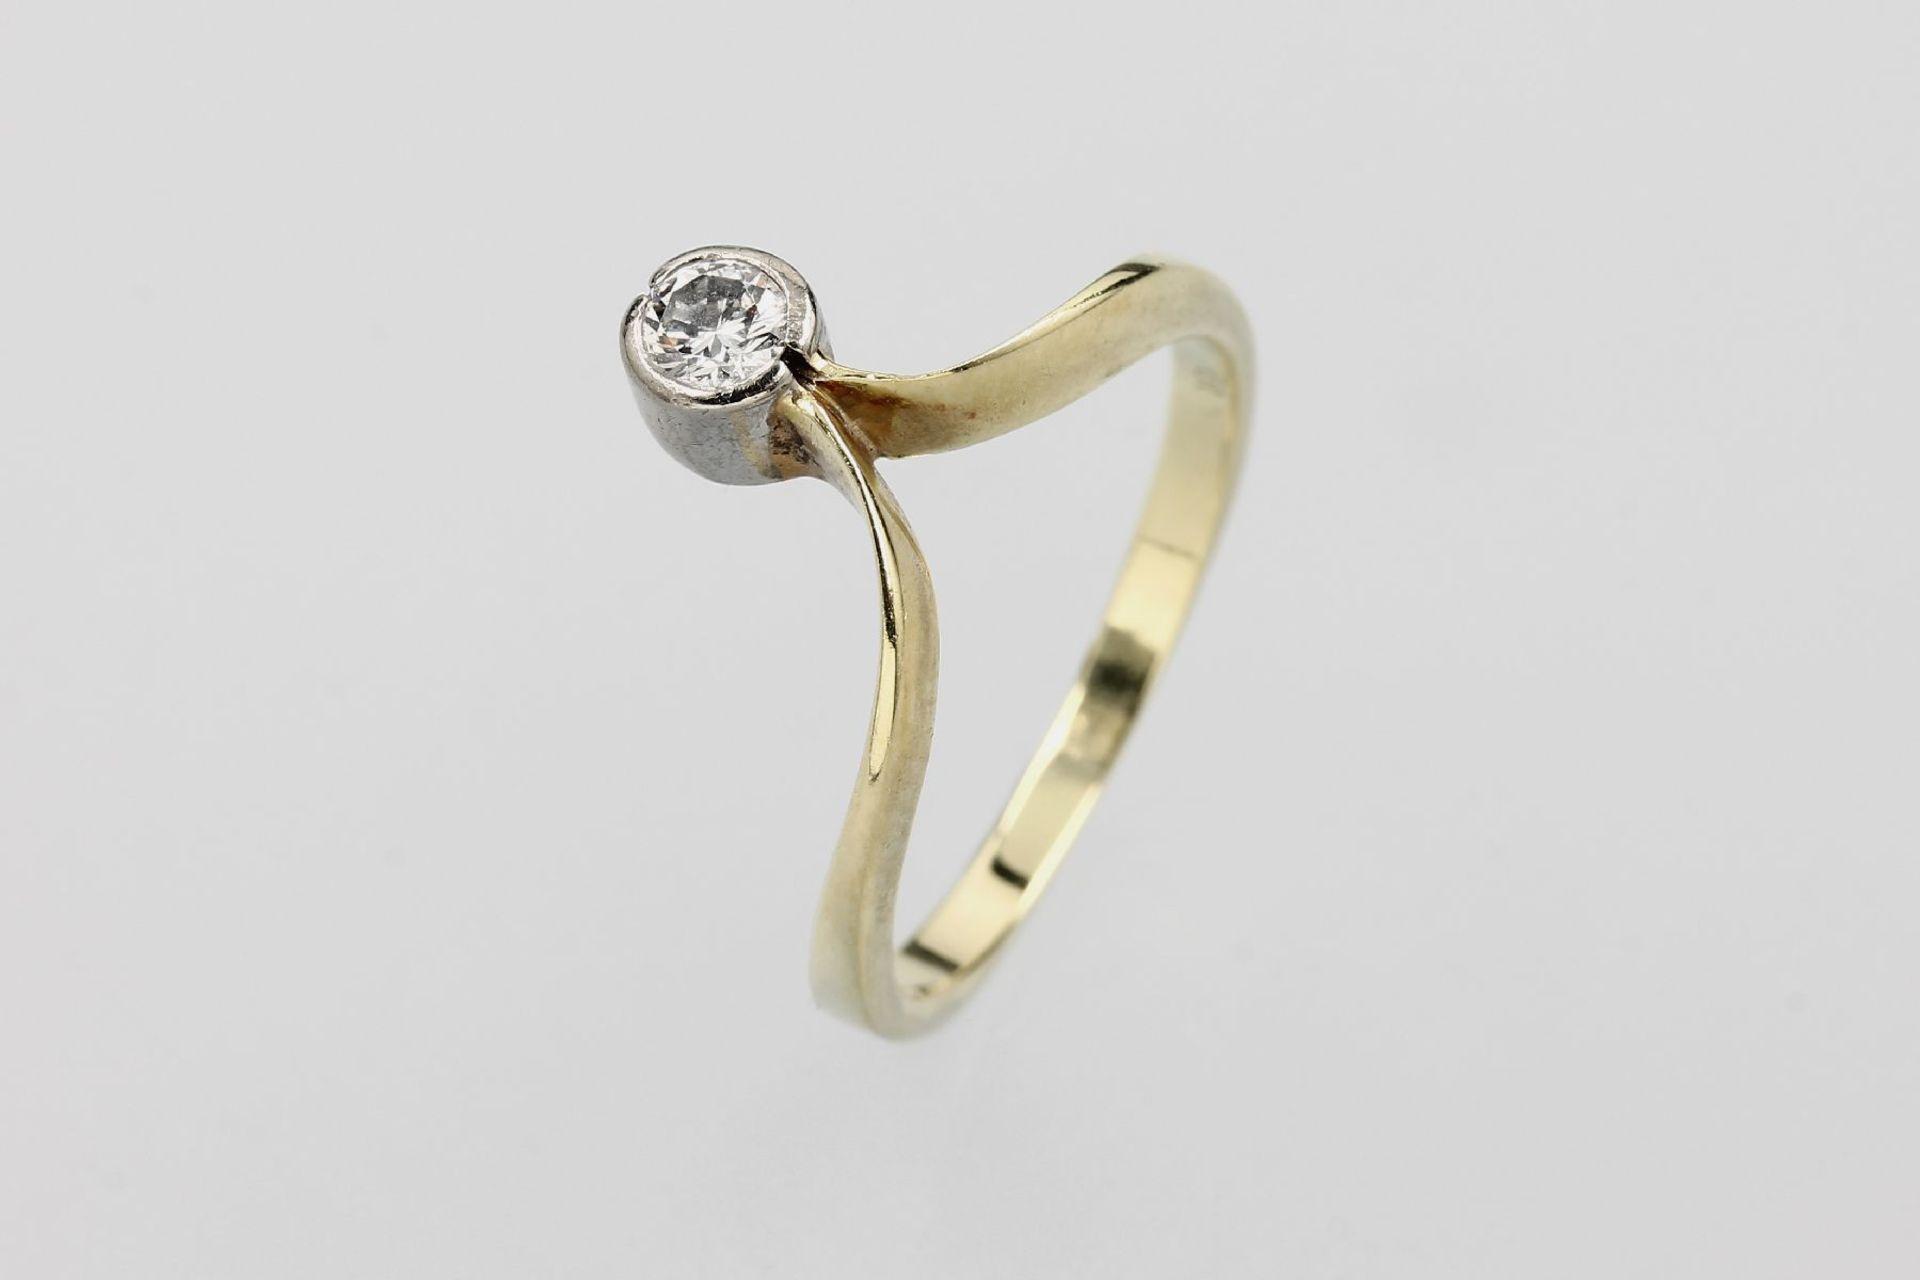 14 kt Gold Ring mit Brillant, GG/WG 585/000, Brillant ca. 0.19 ct Weiß/si, total ca. 3.0 g, RW 55